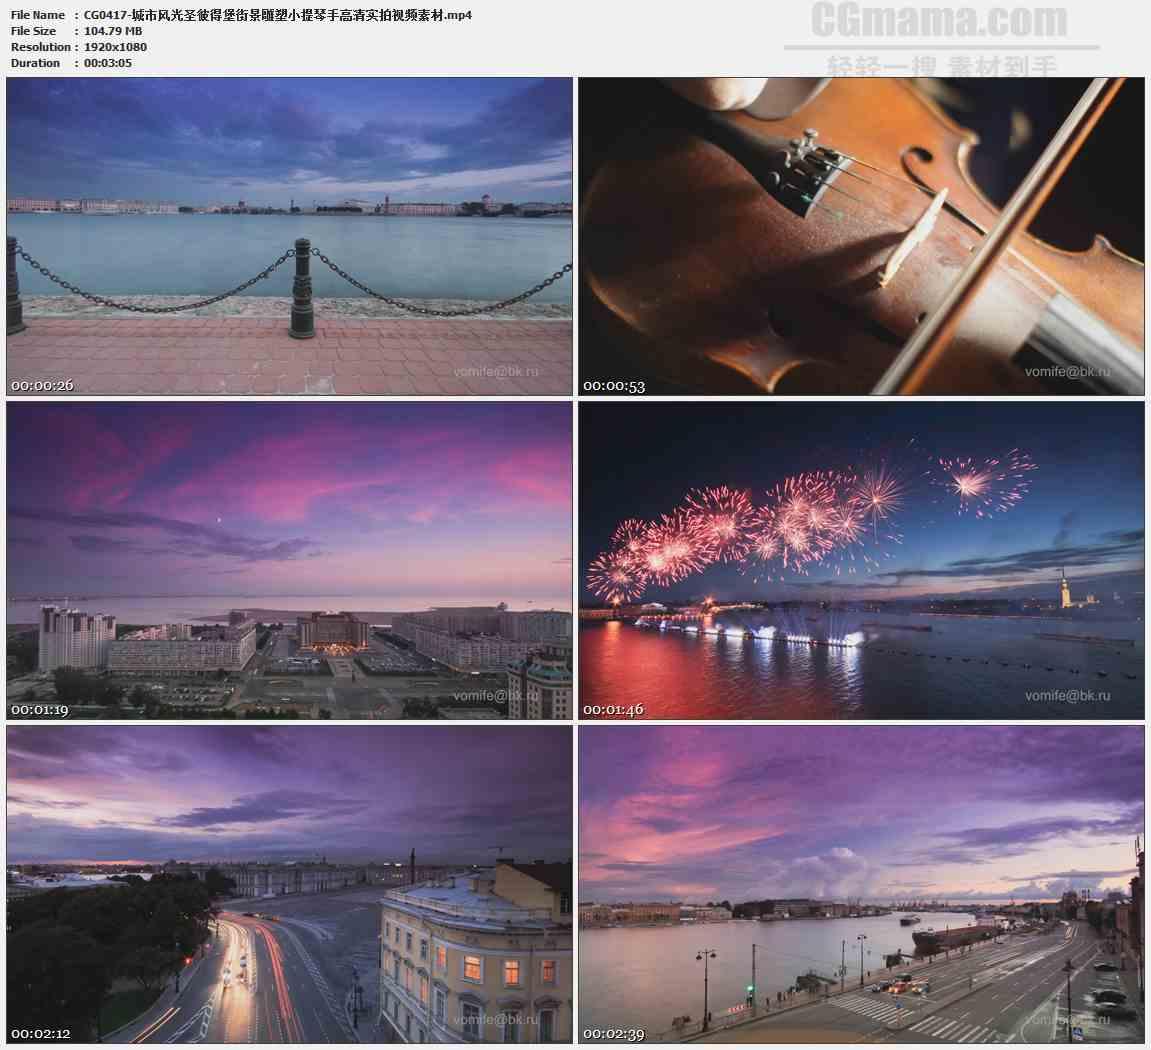 CG0417-城市风光圣彼得堡街景雕塑小提琴手高清实拍视频素材